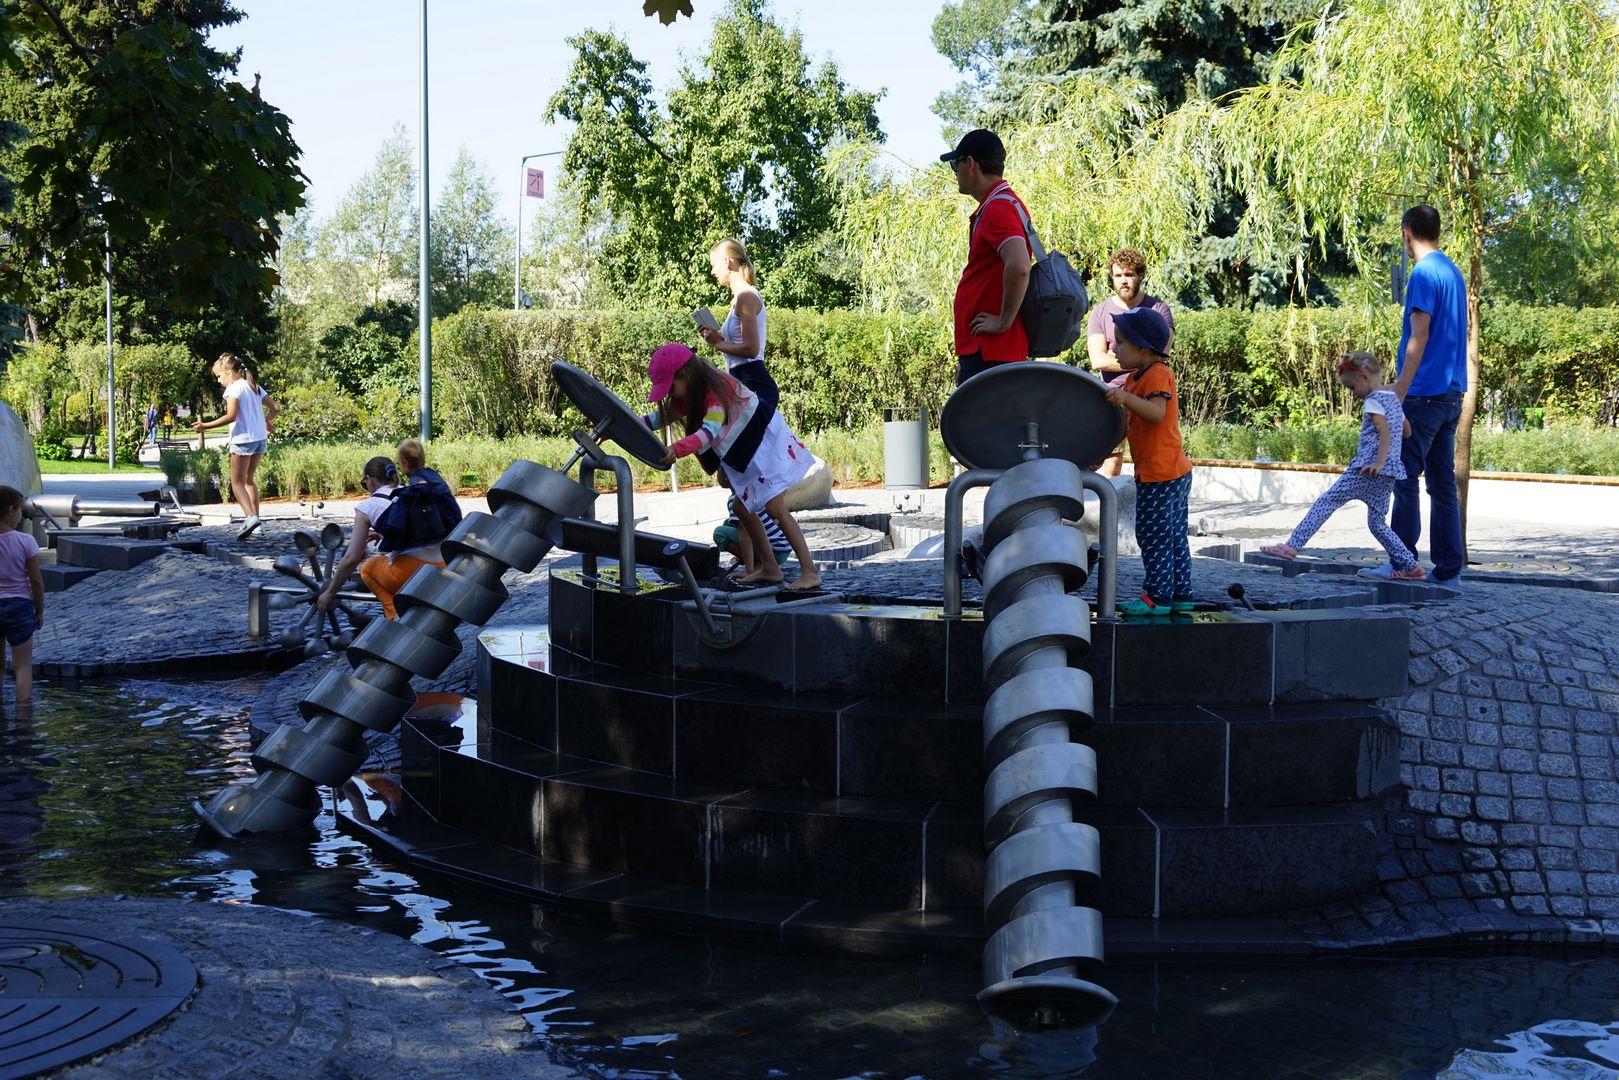 Новая детская площадка «Салют» в парке Горького. Водная станция